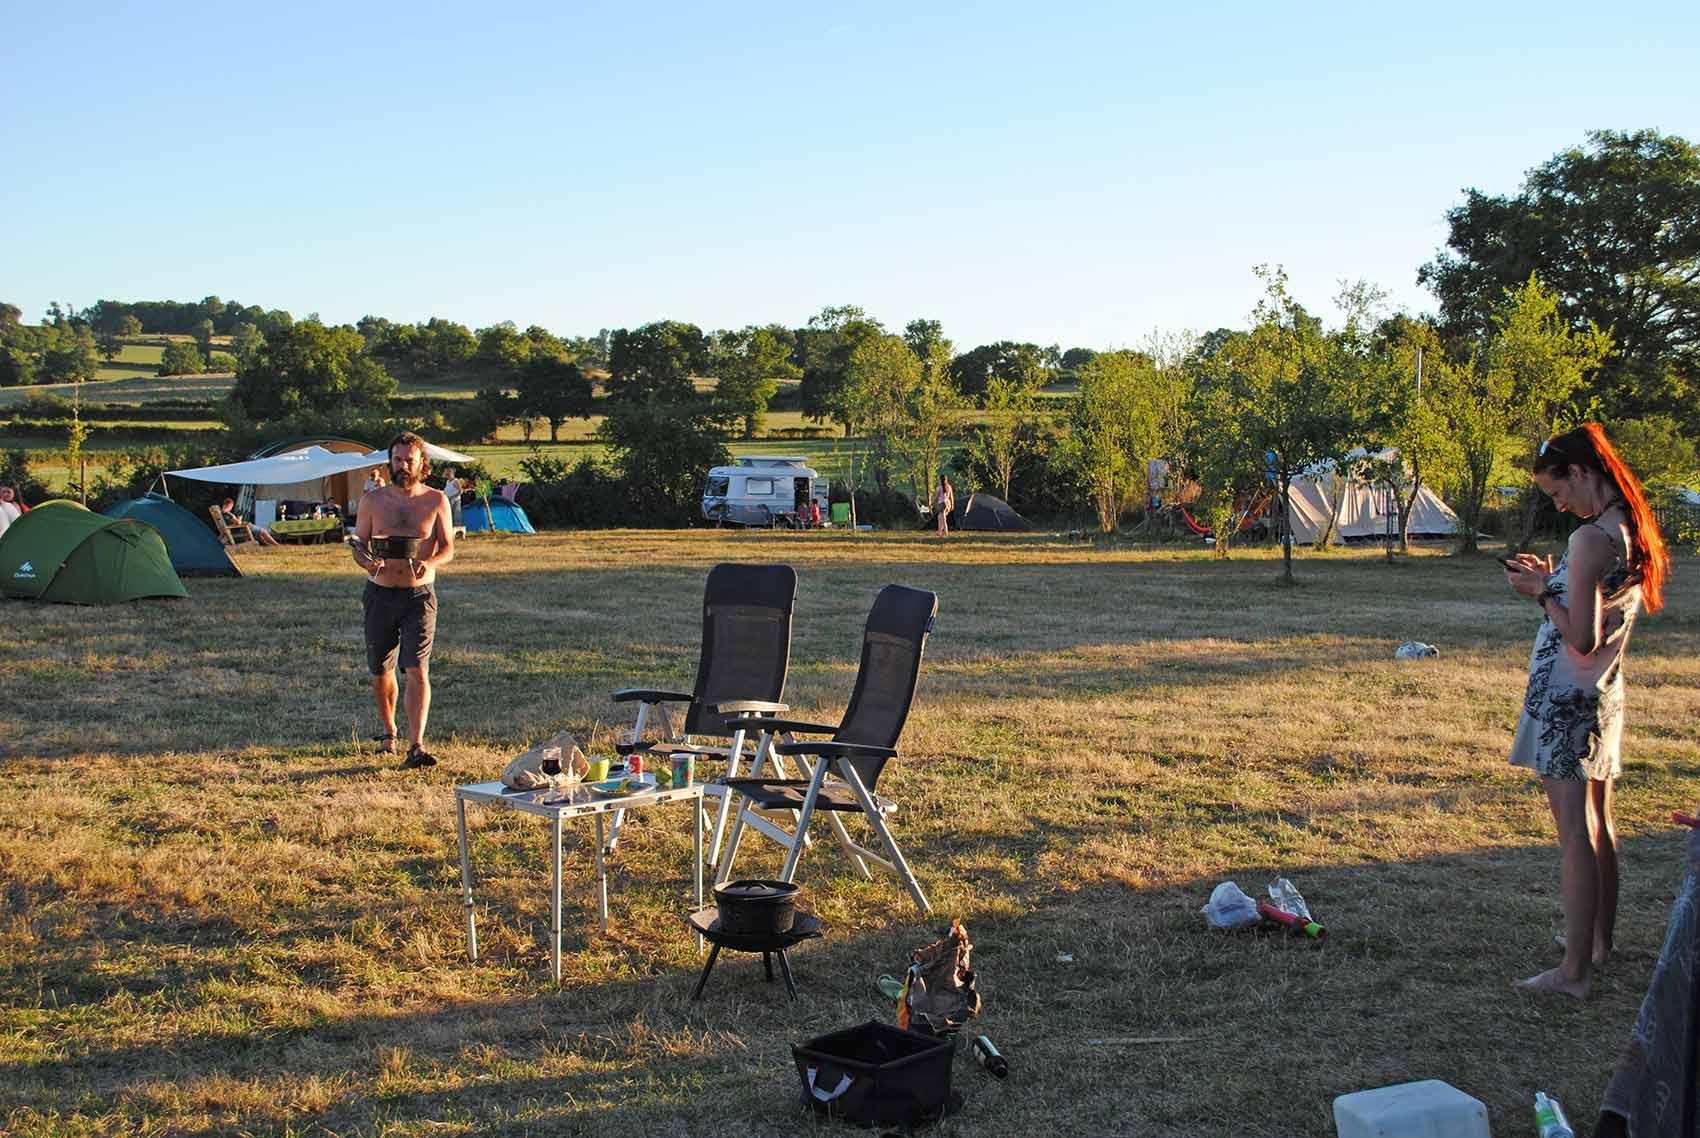 kleinschalige camping - overzicht met kampeerders, grote ronde tent, yurt, camping Brénazet, Allier, Auvergne